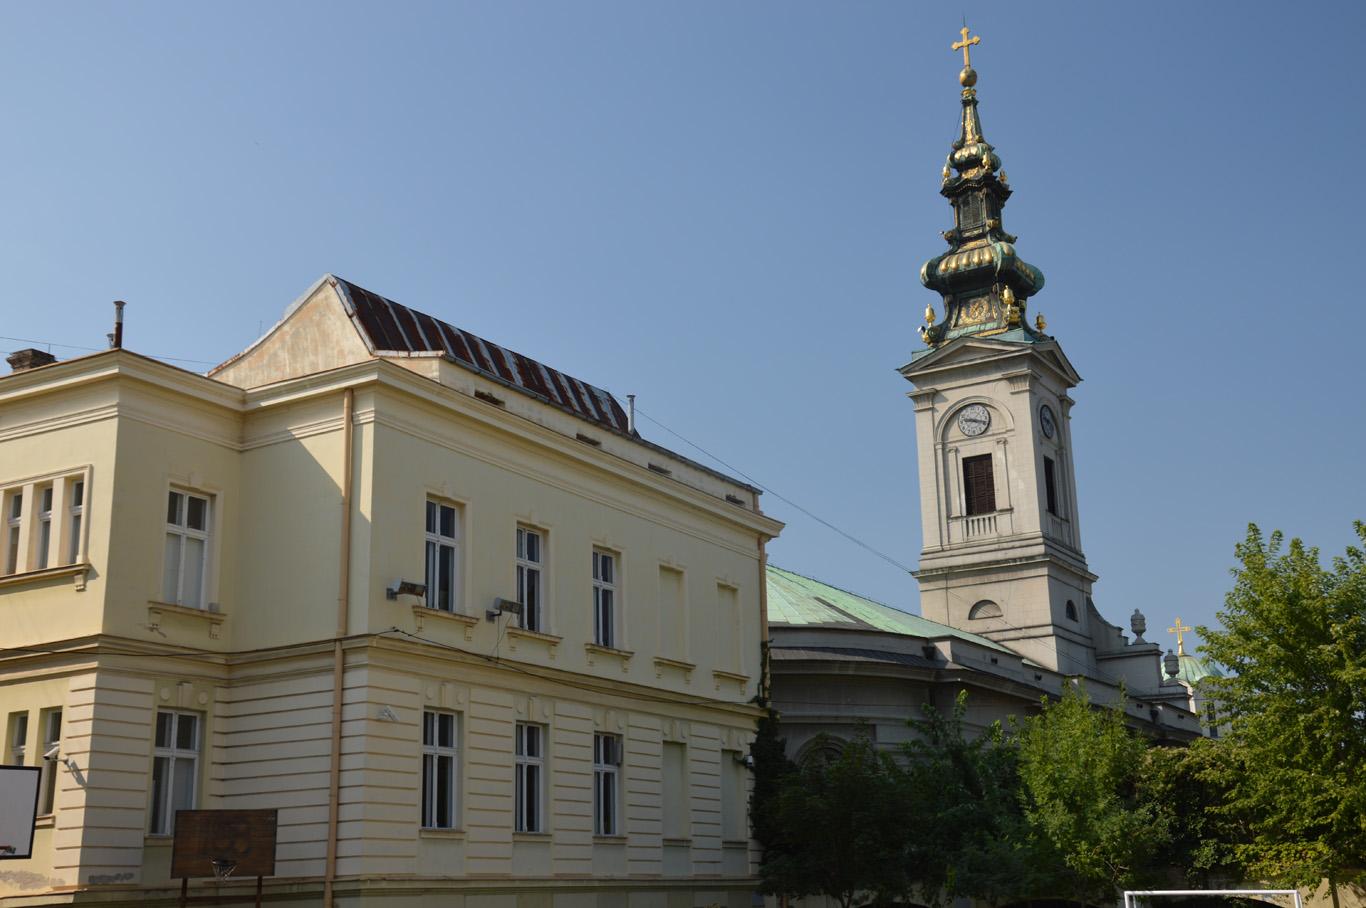 Belgrade old town